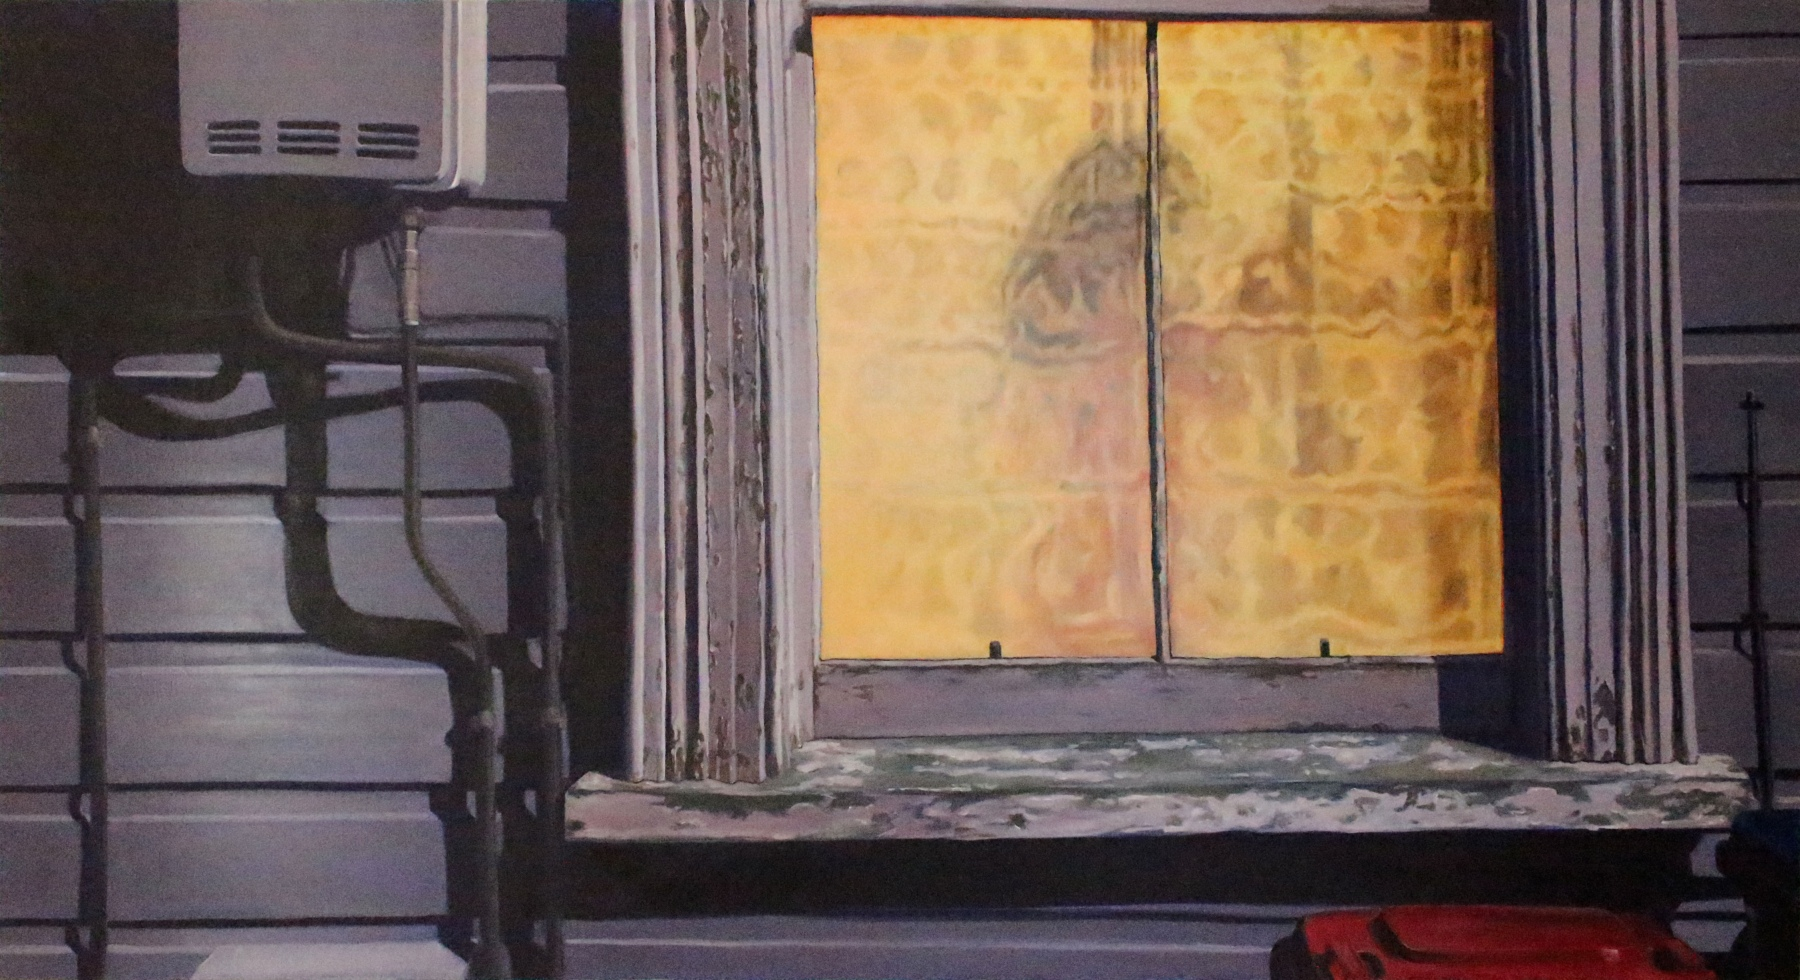 Rear-Window-2016-Oil-on-Canvas-1200mm-x-2000mm